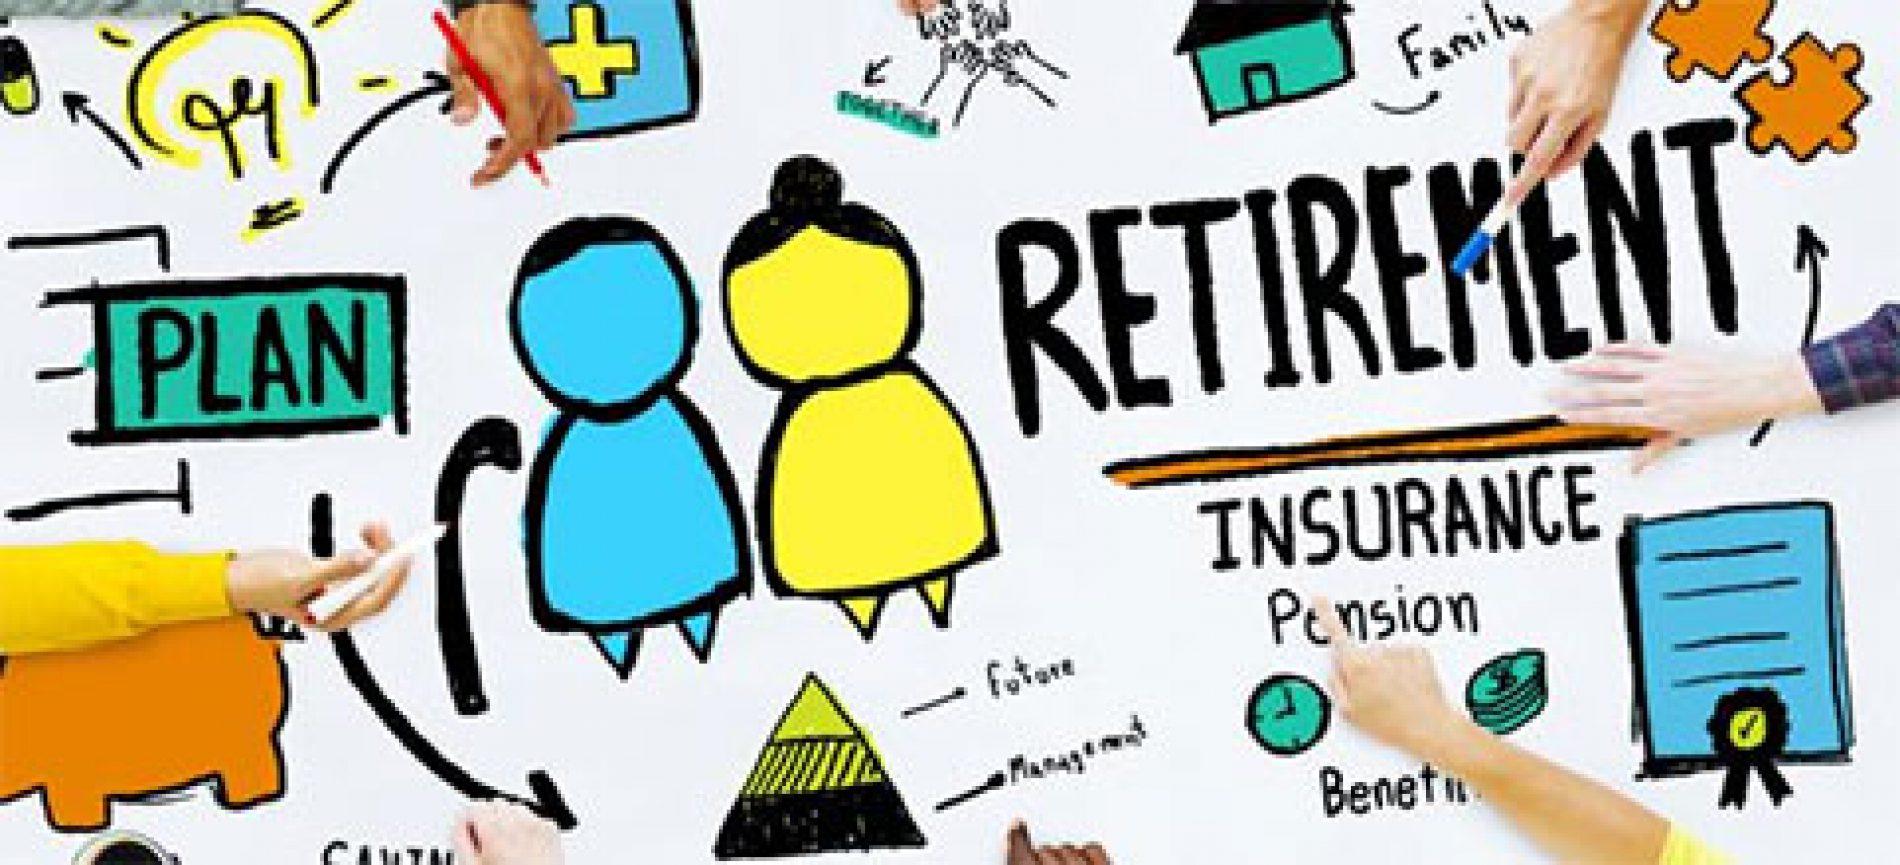 Consigli sulle pensioni per evitare lotte inutili tra poveri e ceto medio